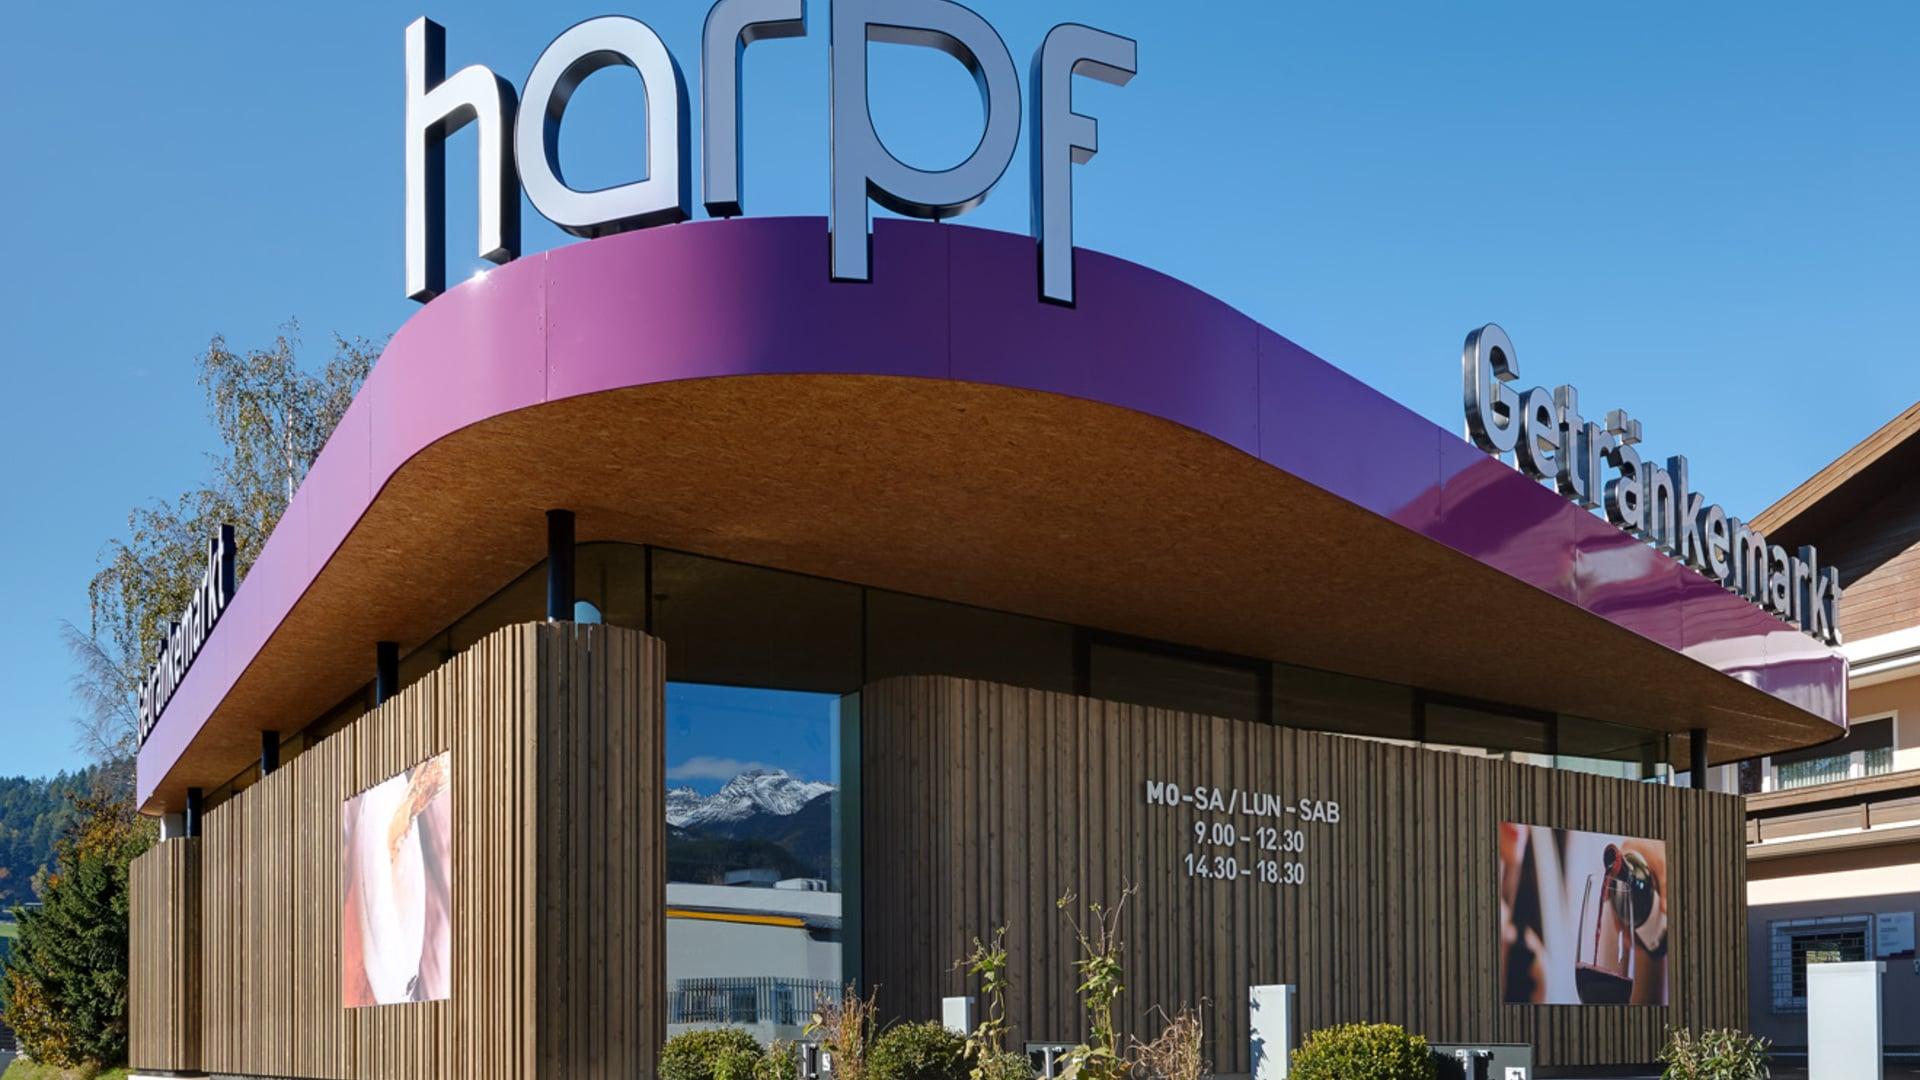 23.01.2019 - harpf - ein Südtiroler Familienunternehmen seit 1880